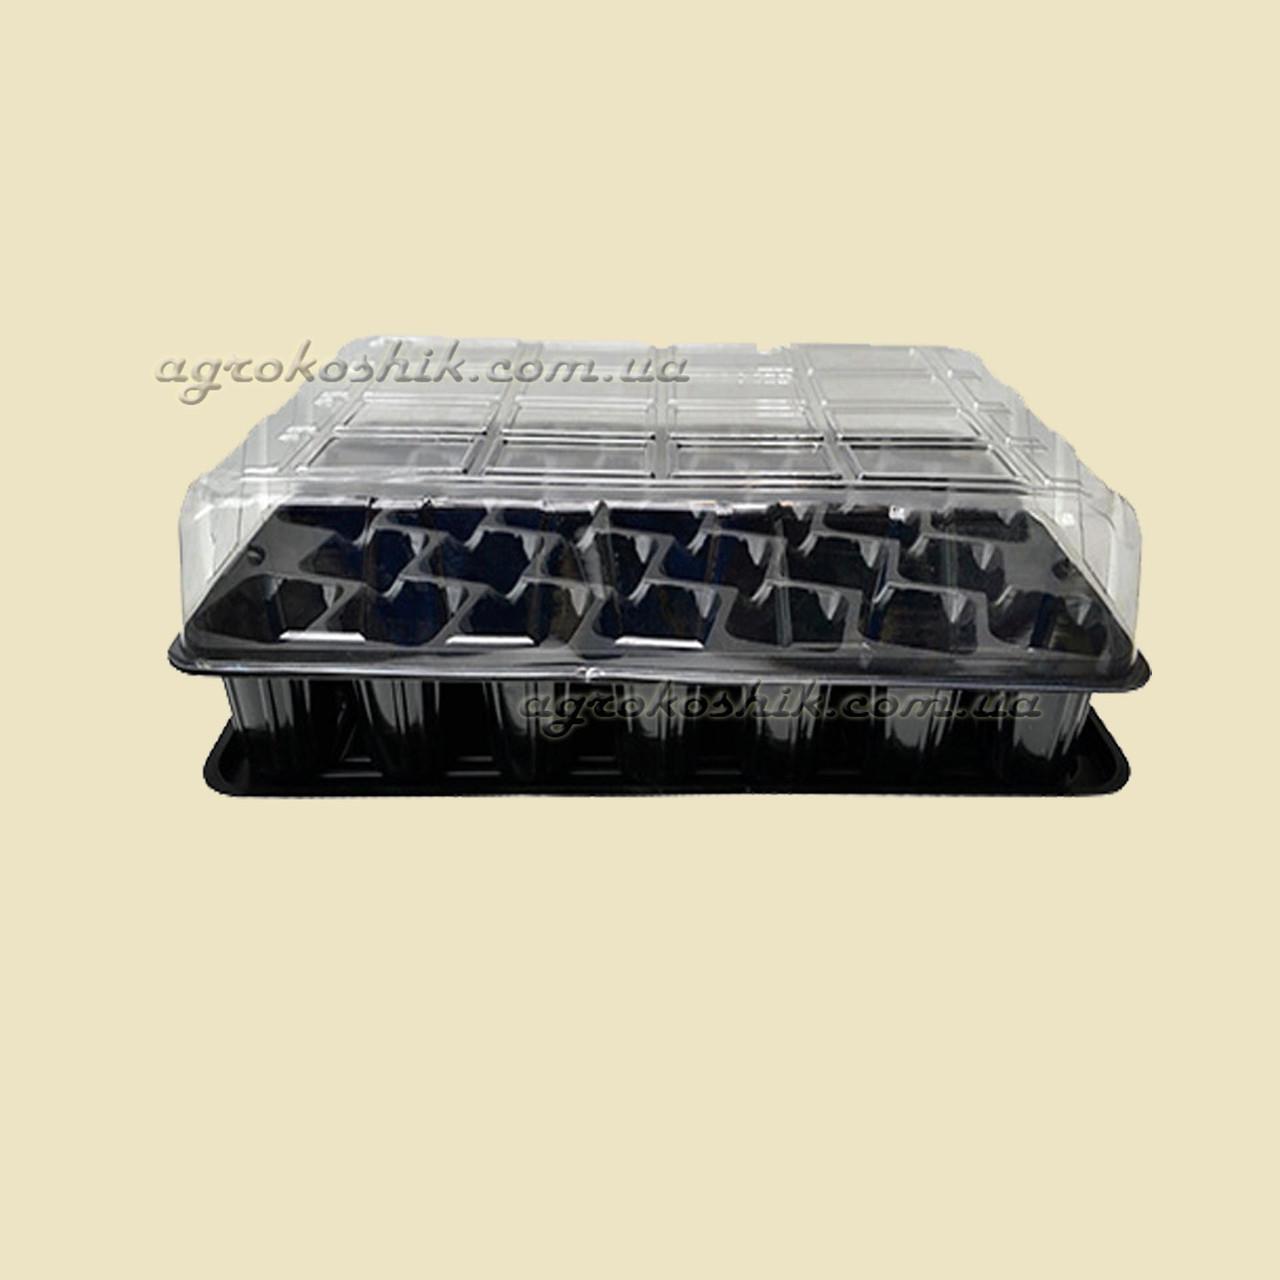 Минипарник 33 ячейки (+ поддон и крышка)